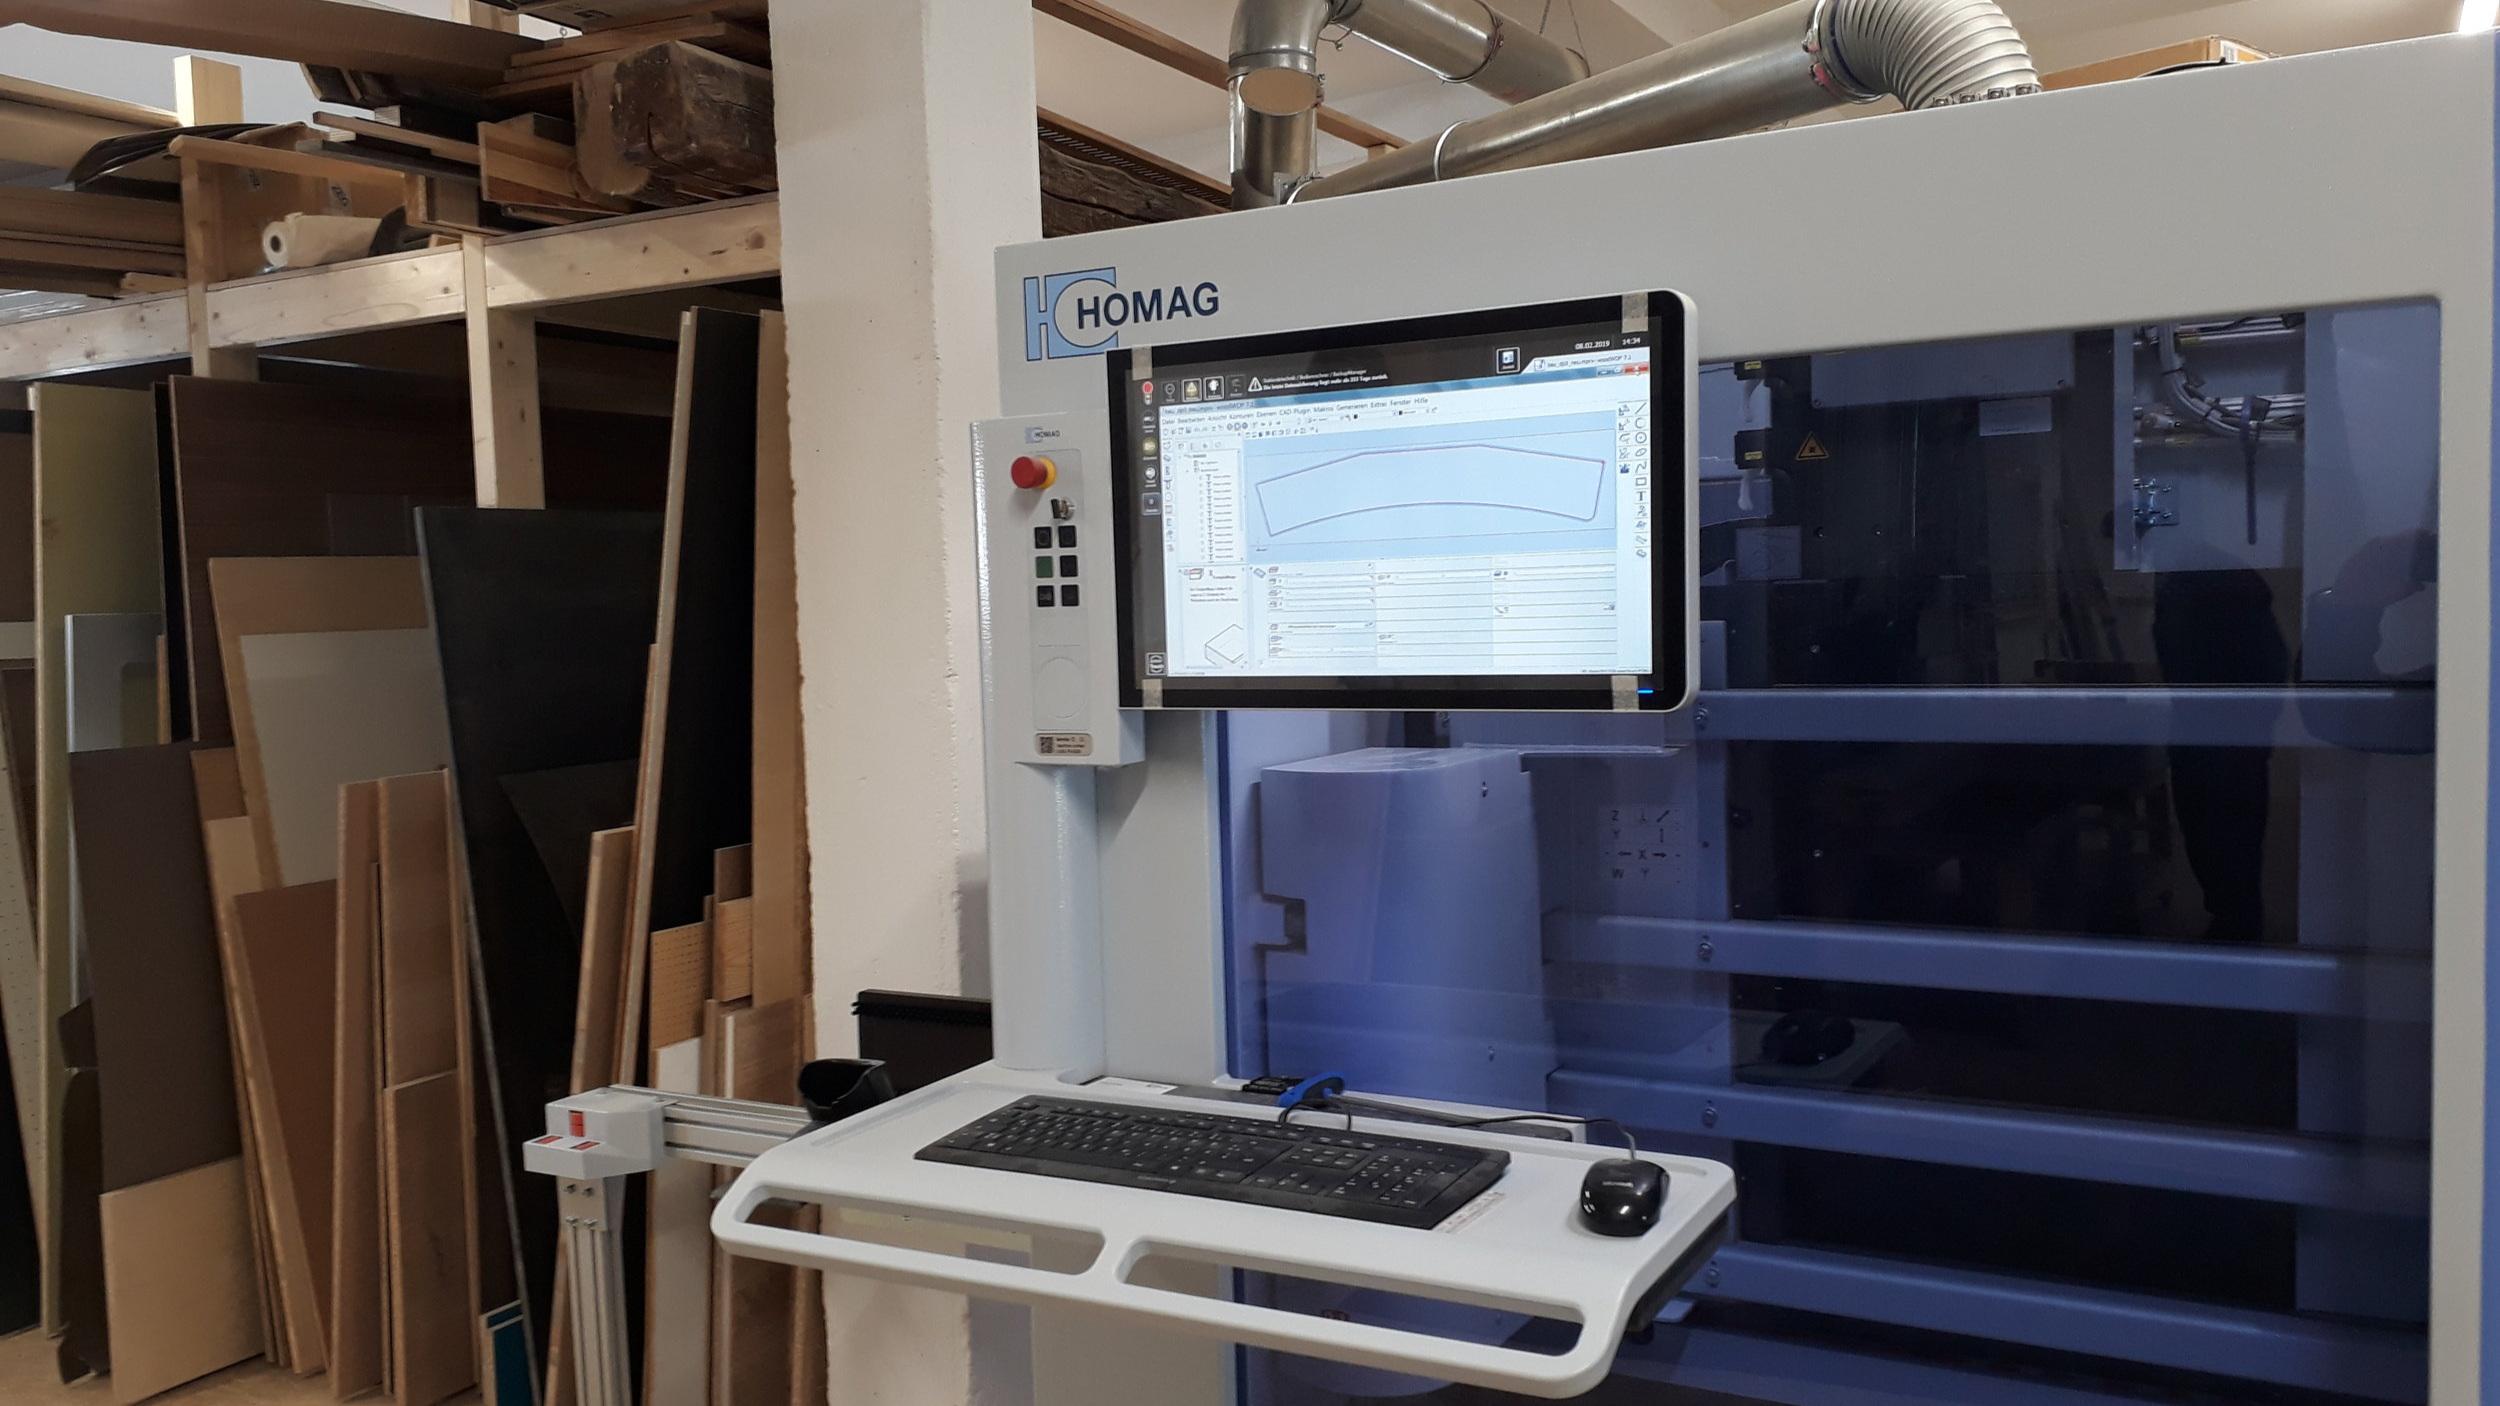 Fertigung mit Qualität - - Fertigung in unserer eigenen Schreinerei mit modernem Maschinenpark- Sie profitieren von kurzen Wegen und kurzen Reaktionszeiten- Direkte Anbindung von der CAD-Planung an die MaschinenReduziert die Kosten in der Fertigung- handwerkliches Können vereint mit moderner Technik